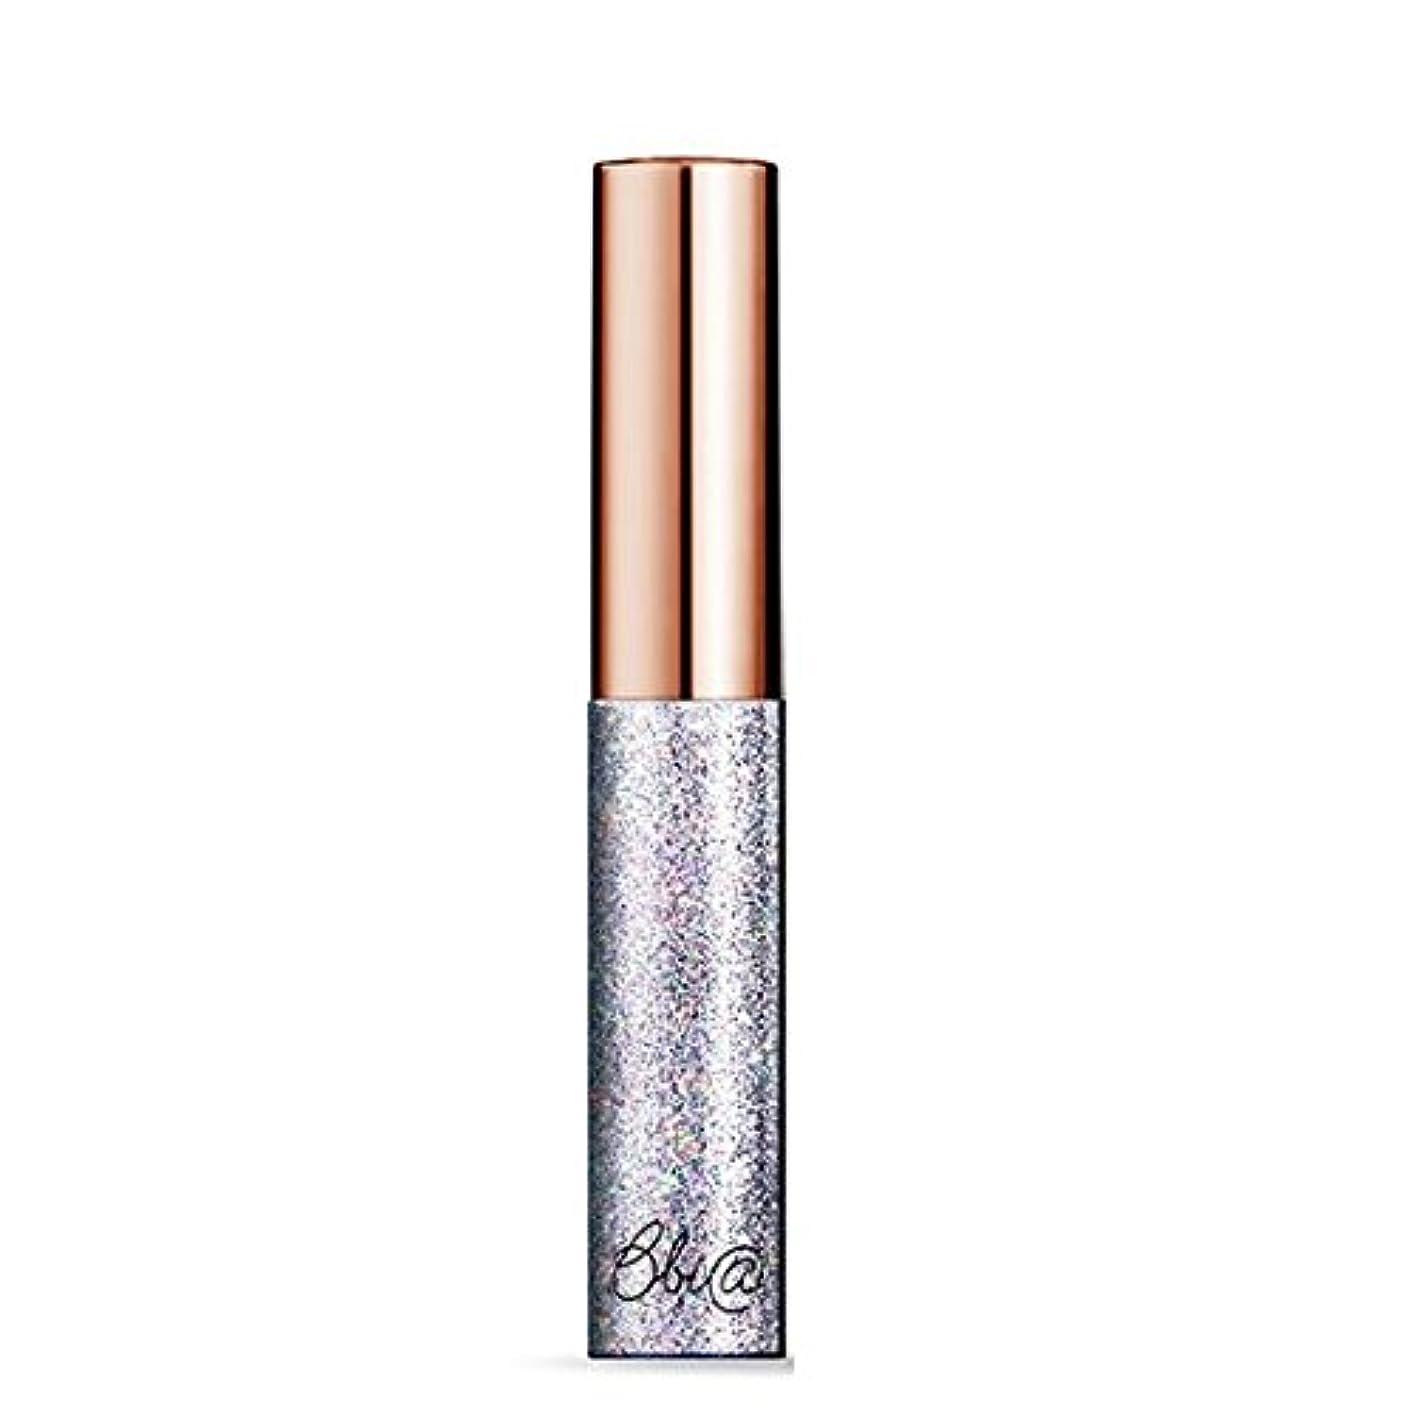 壮大な合金納得させるBBIA Glitter Eyeliner (01.Aurora) / ピア グリッター アイライナー [並行輸入品]